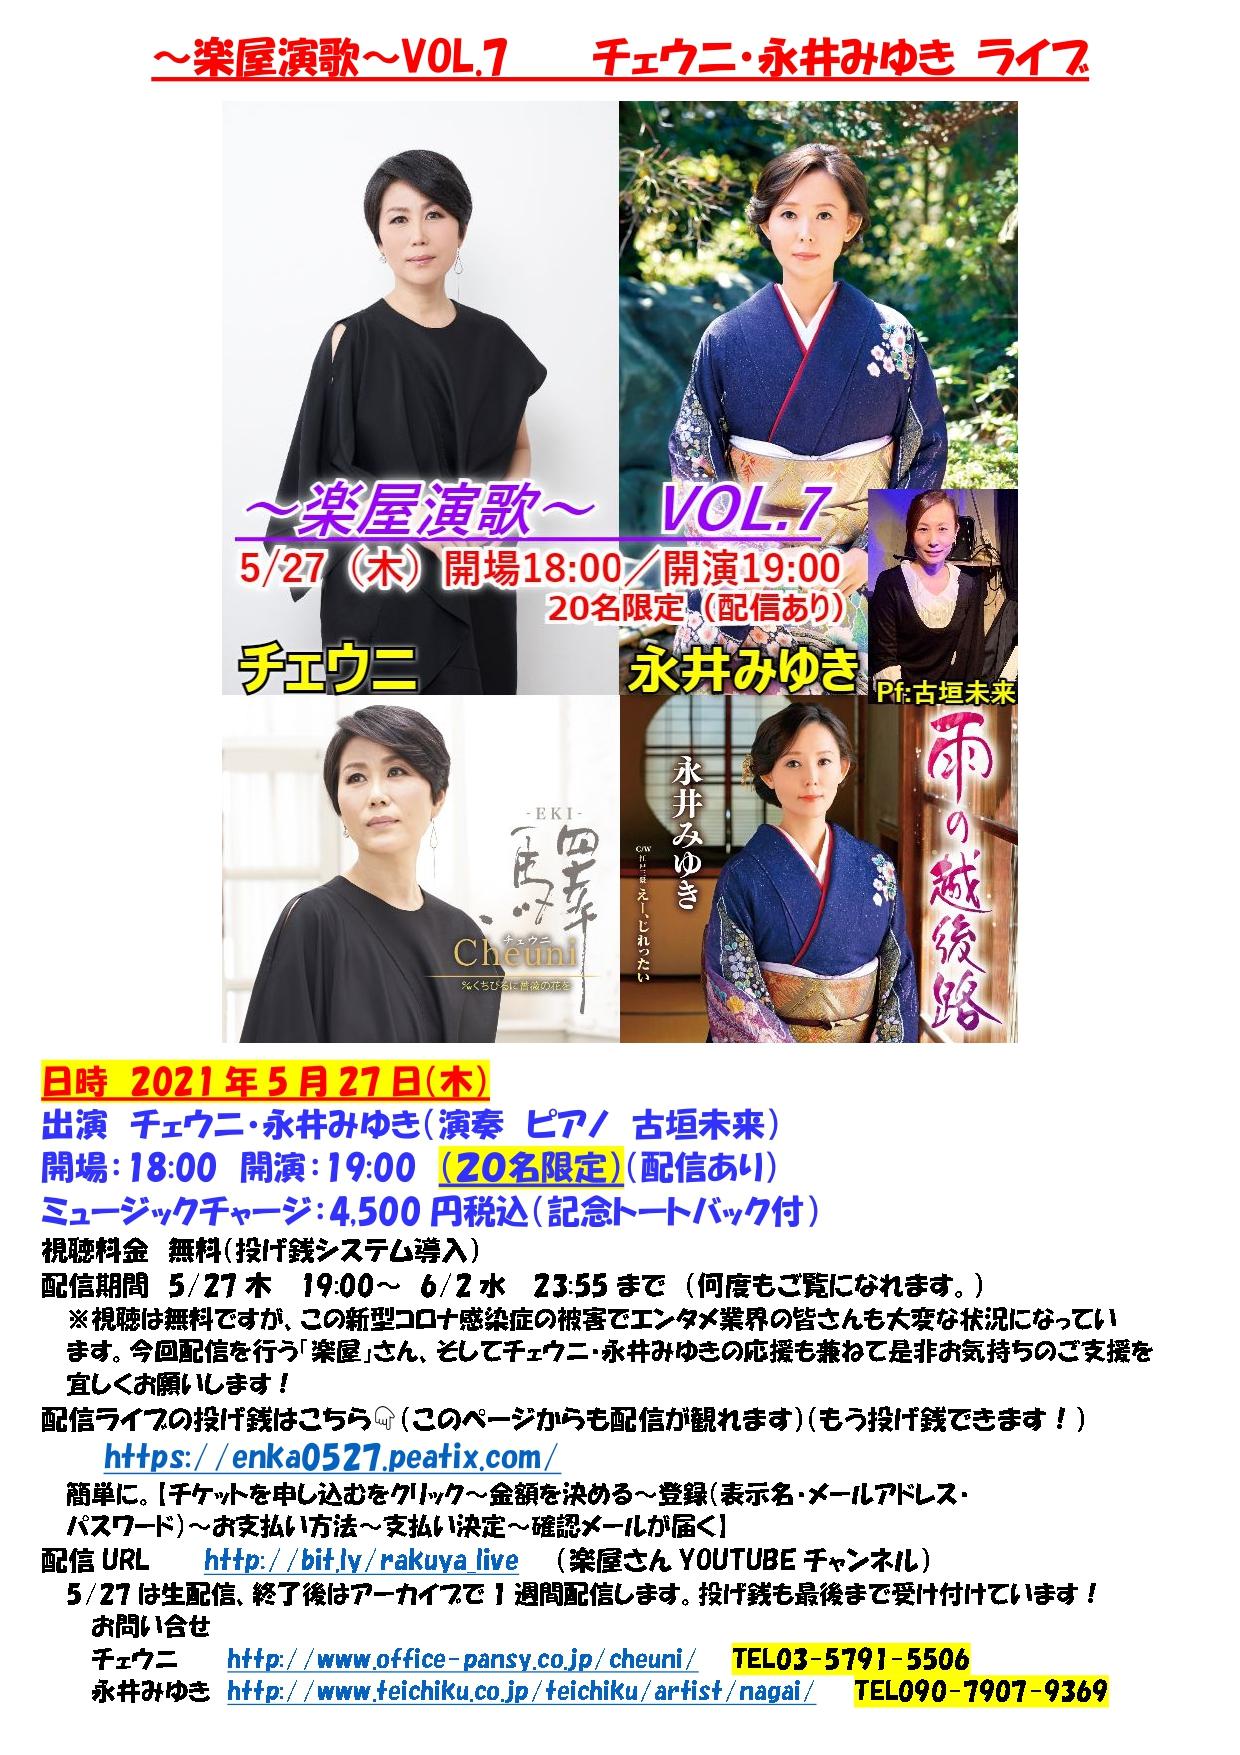 ~楽屋演歌~Vol7【チェウニ&永井みゆきライブ】限定20名